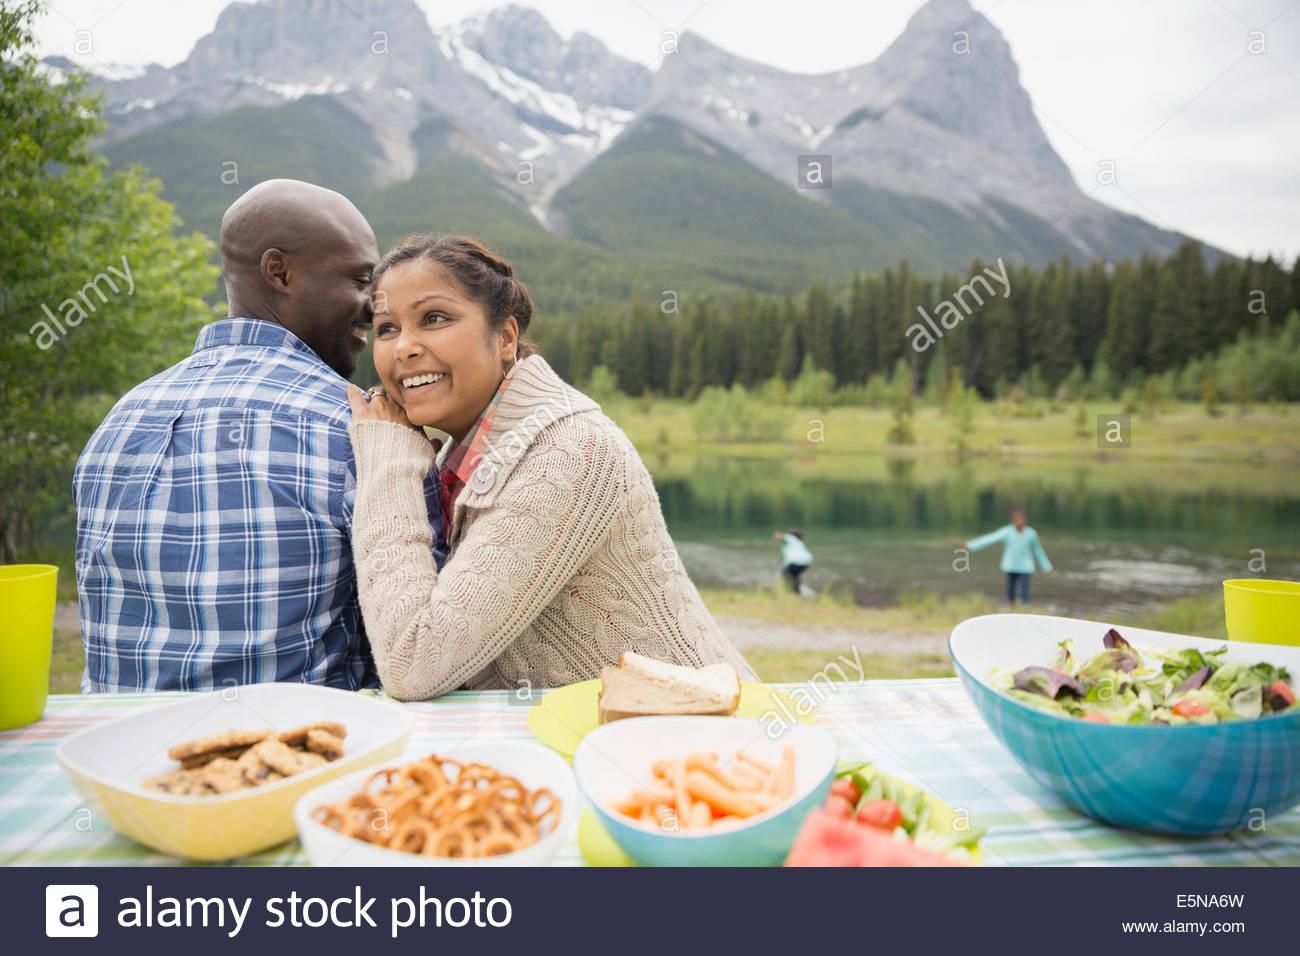 Casal sentado na mesa de piquenique perto do lago Imagens de Stock